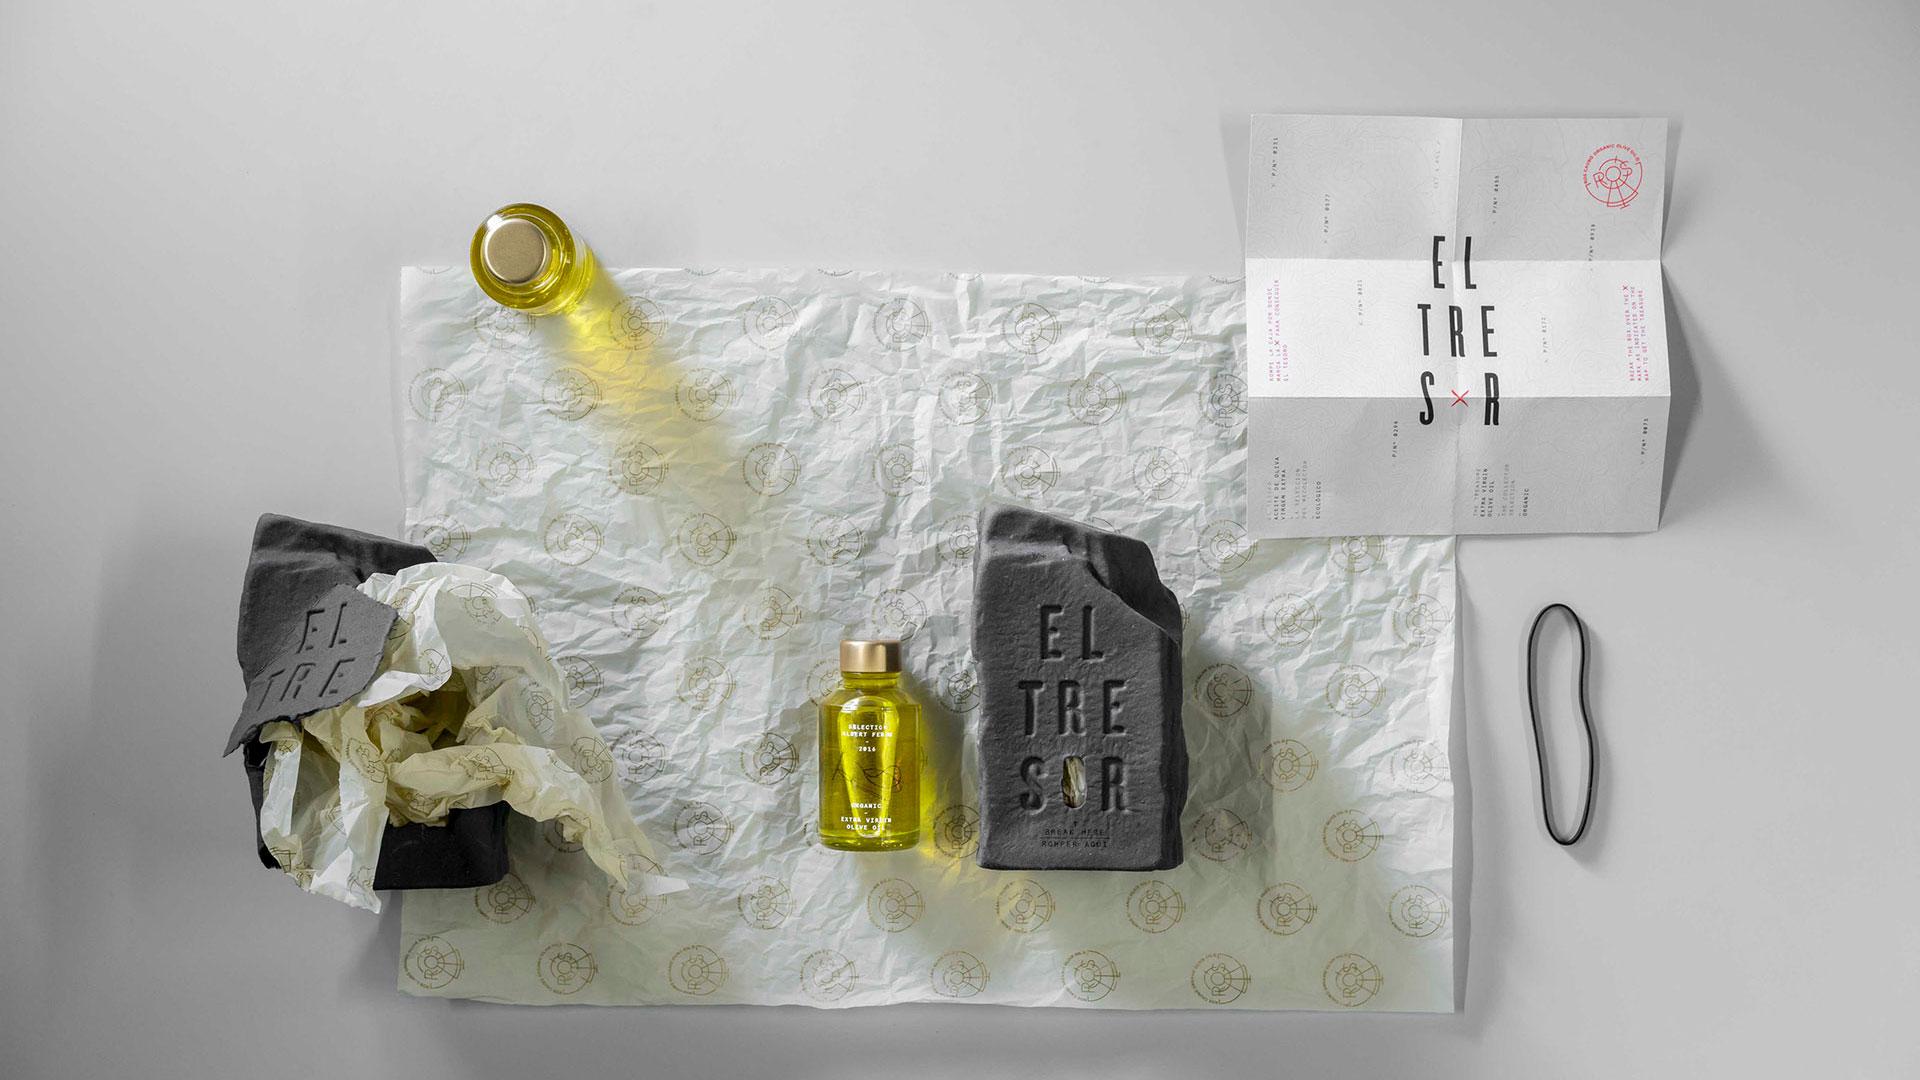 Imagen del aceite de oliva El Tresor